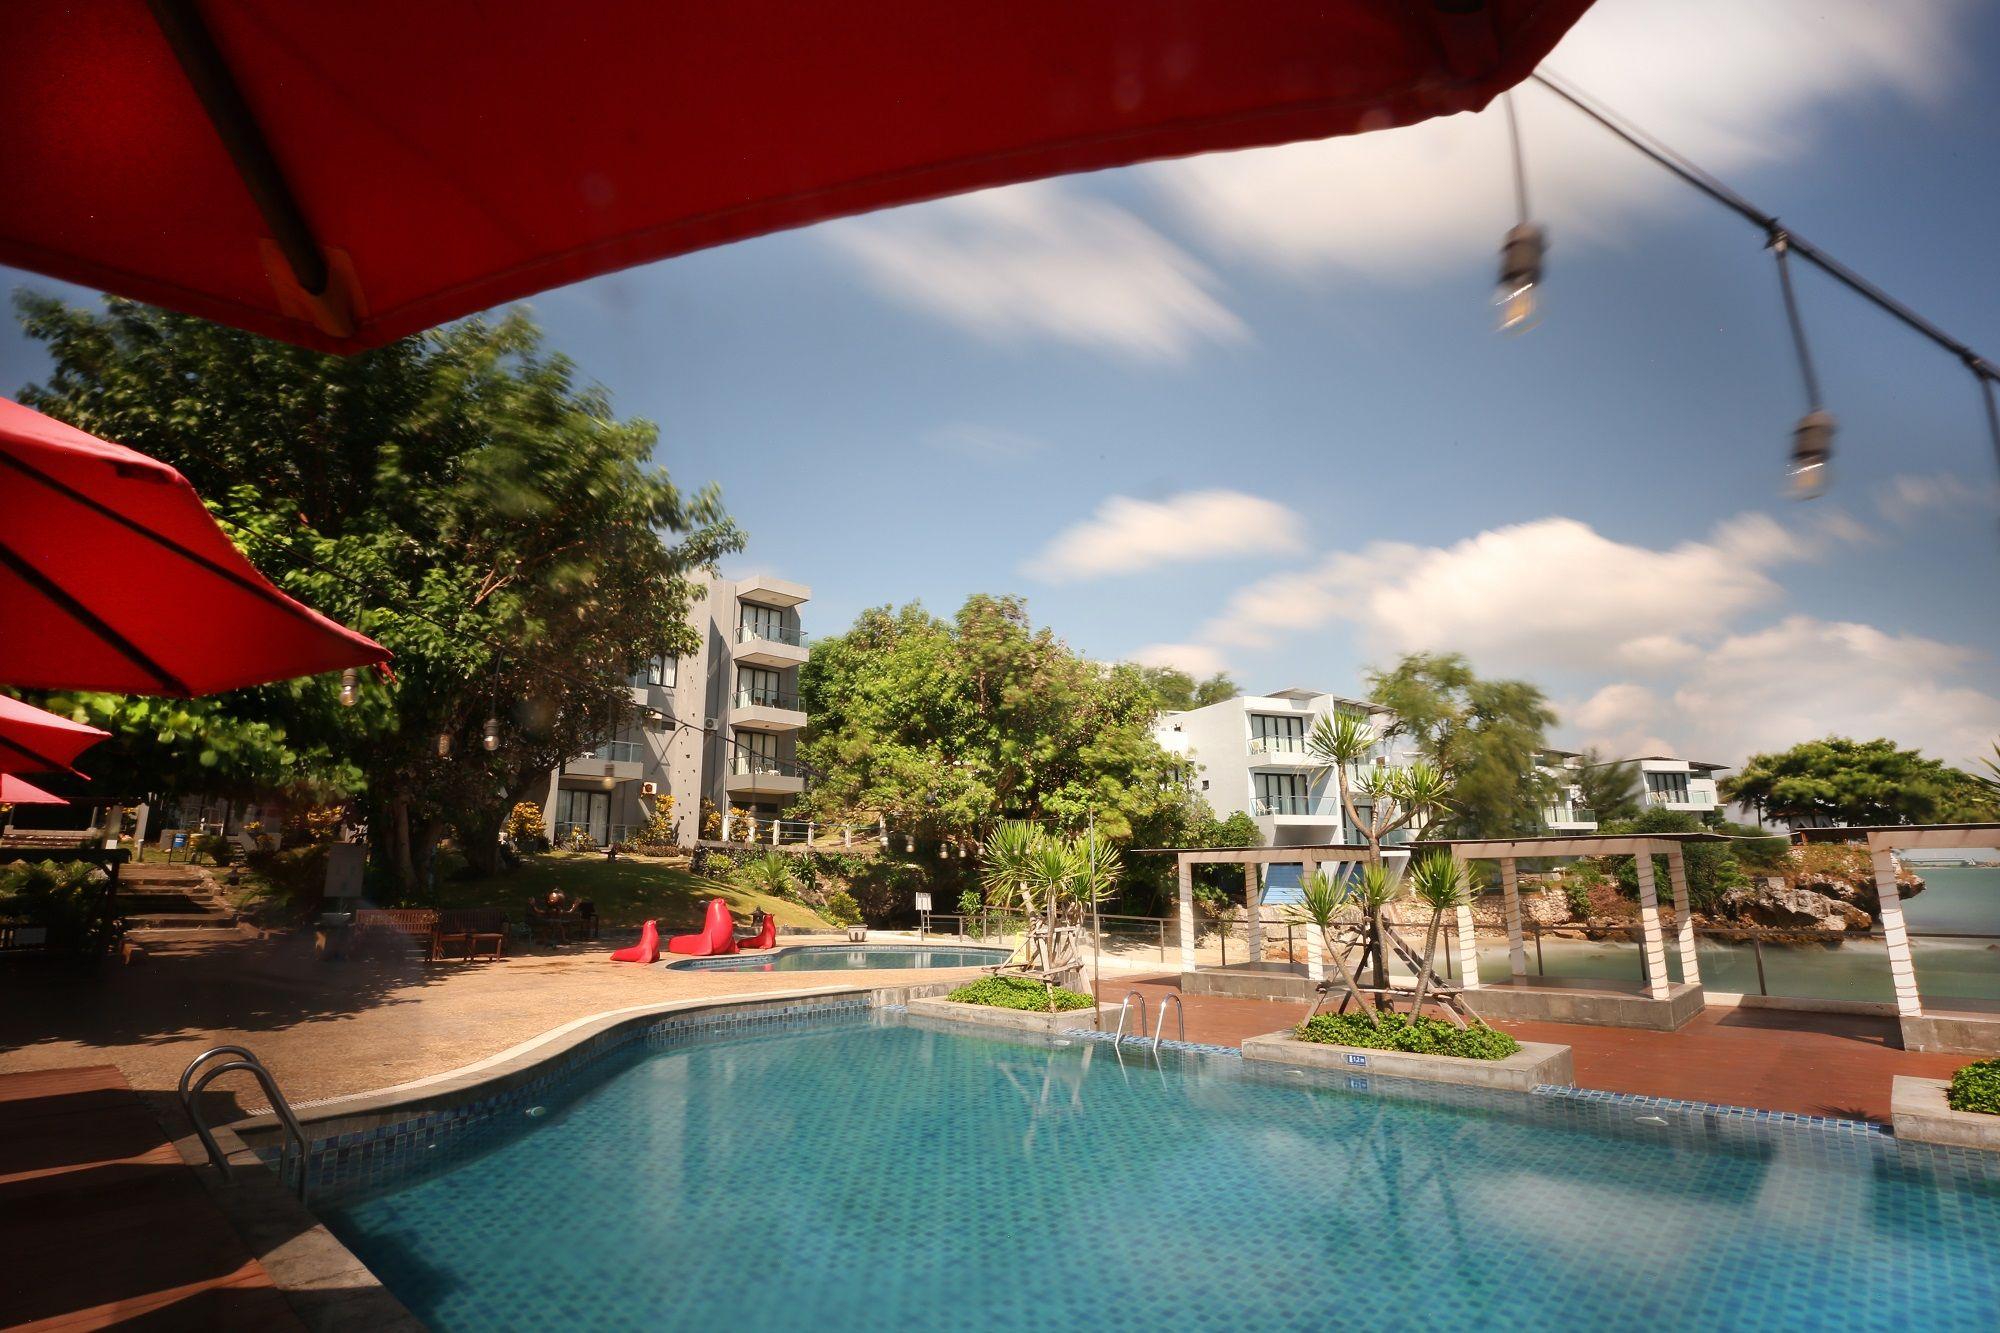 Tanjung Kodok Beach Resort